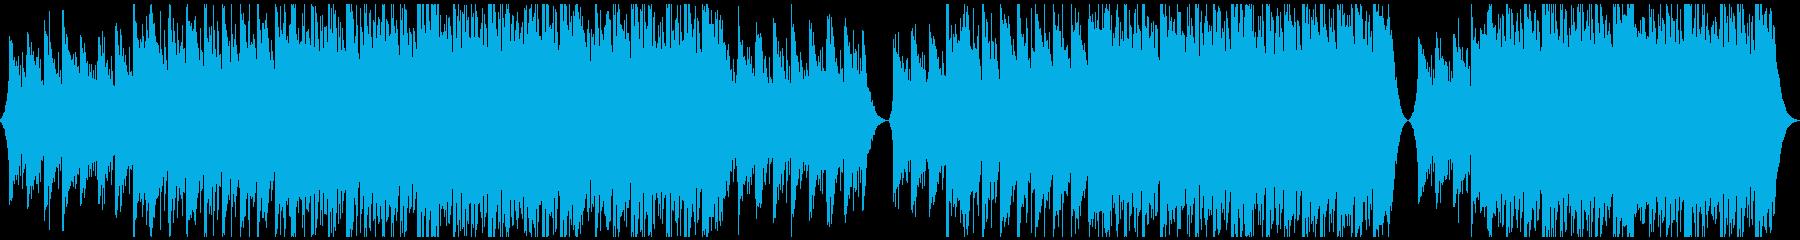 インディーズ ロック ポップ モダ...の再生済みの波形